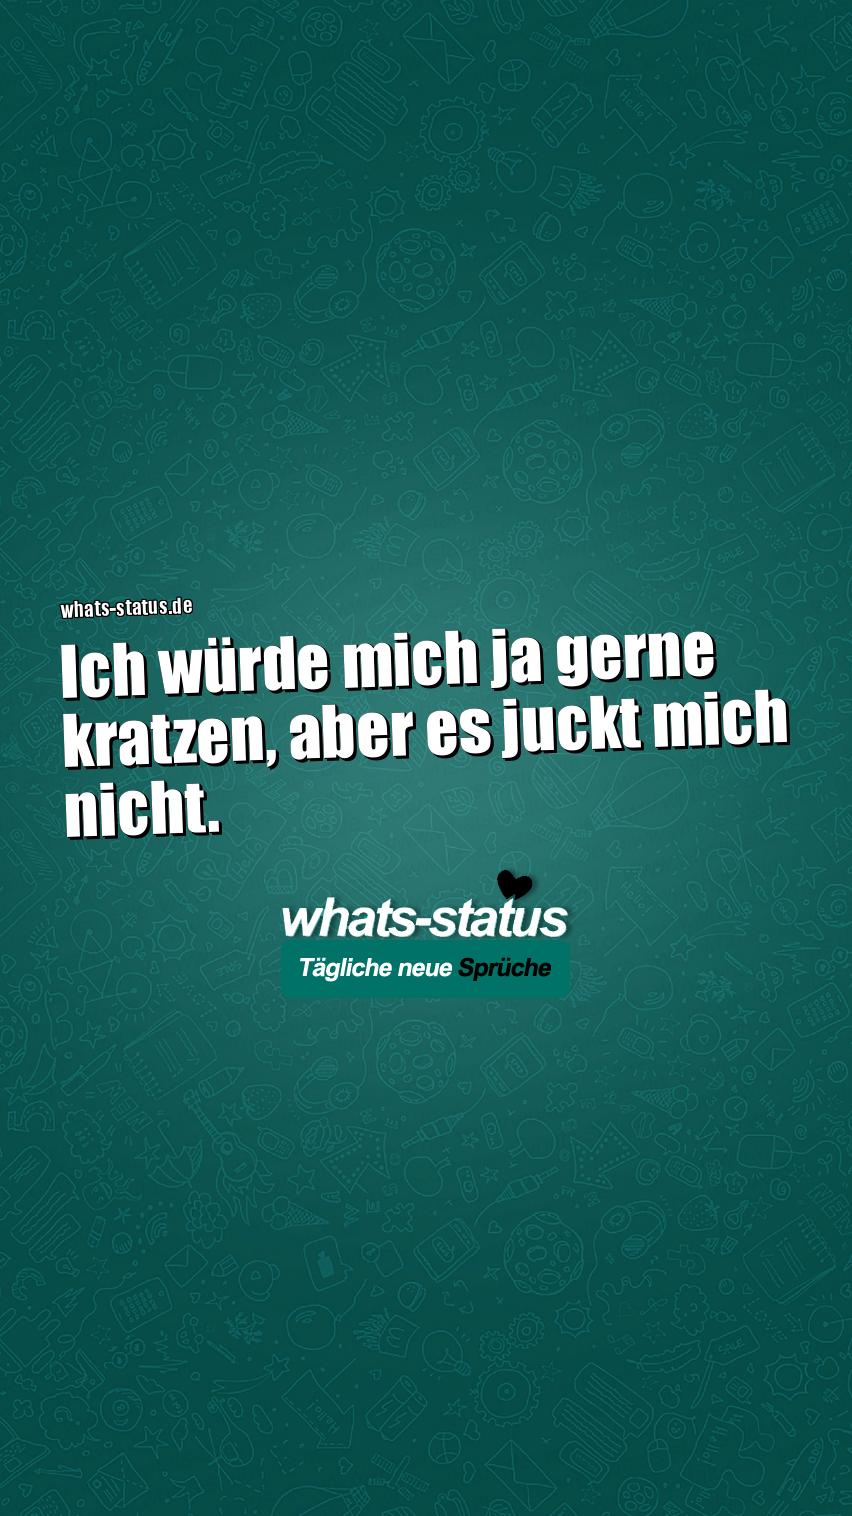 Status Sprüche Kurz Schön Sprüche Familie 2019 12 03